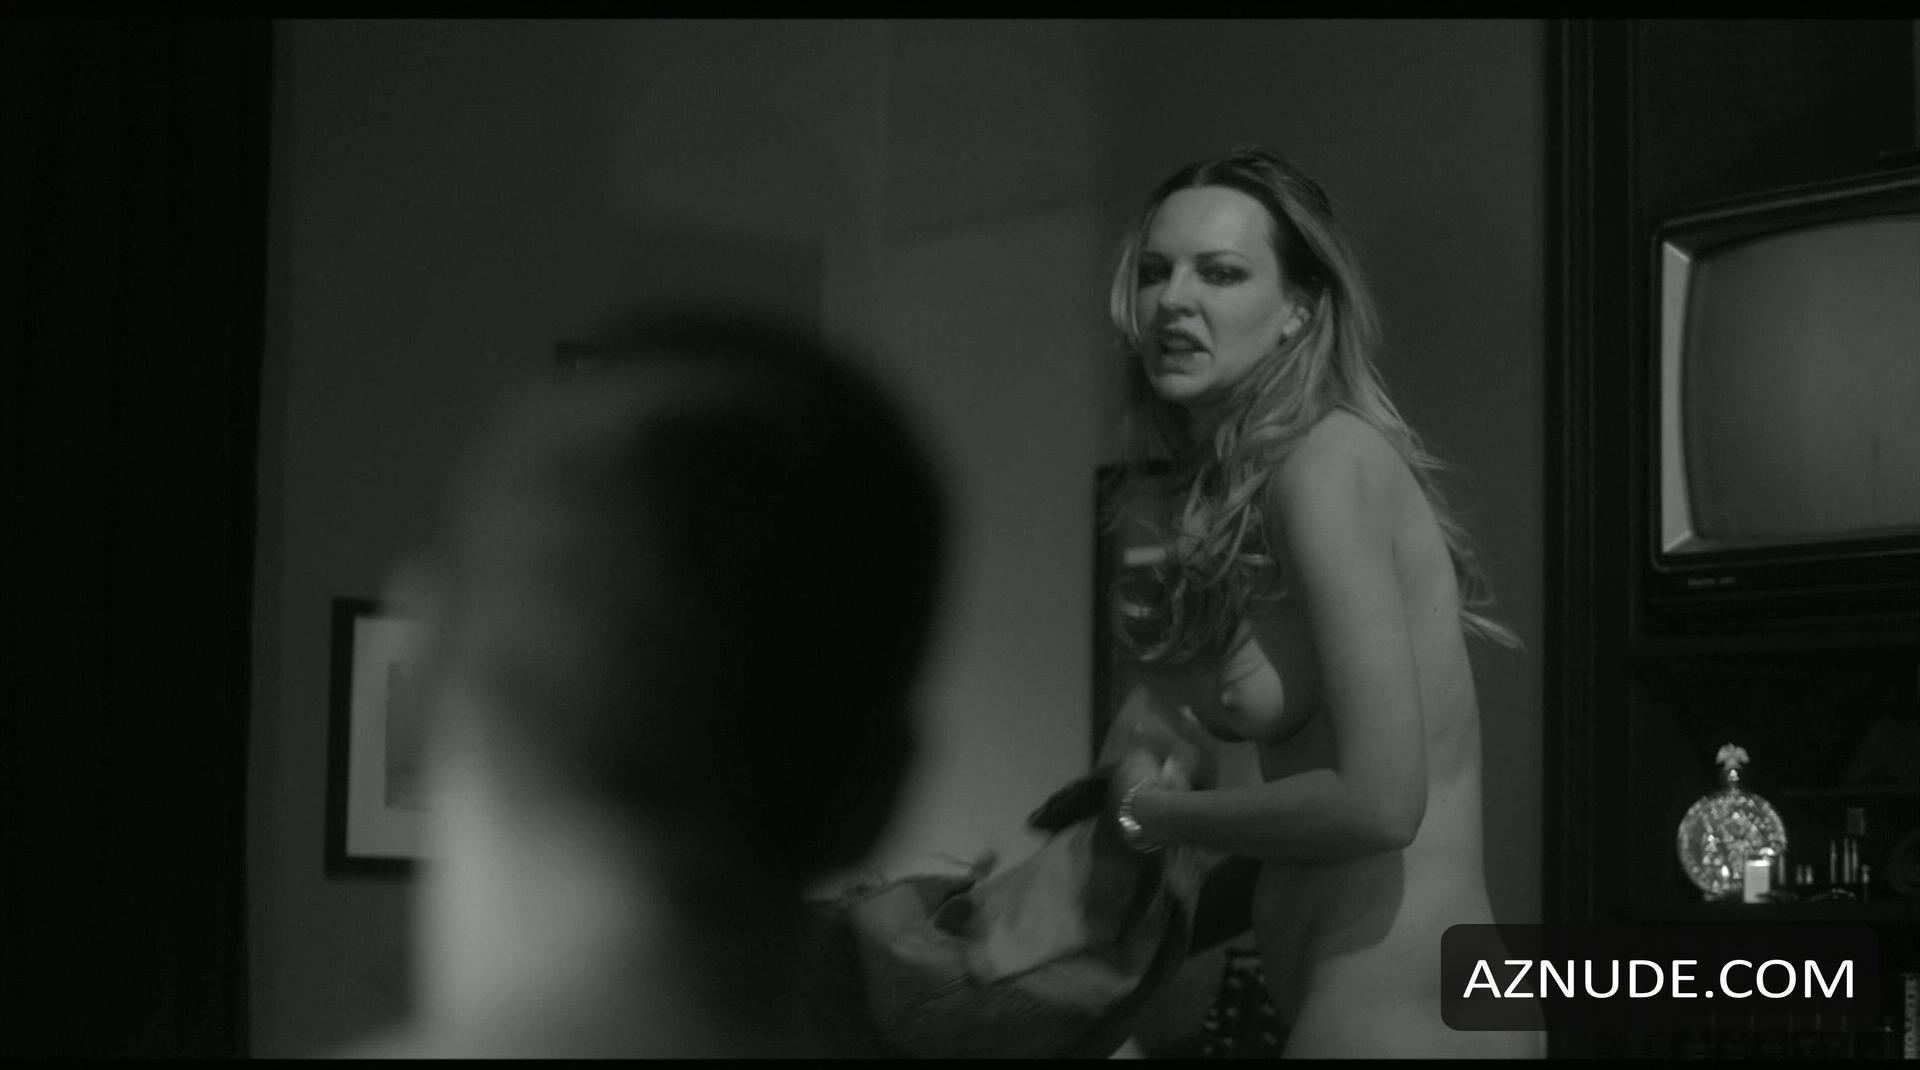 Natasha alam nude